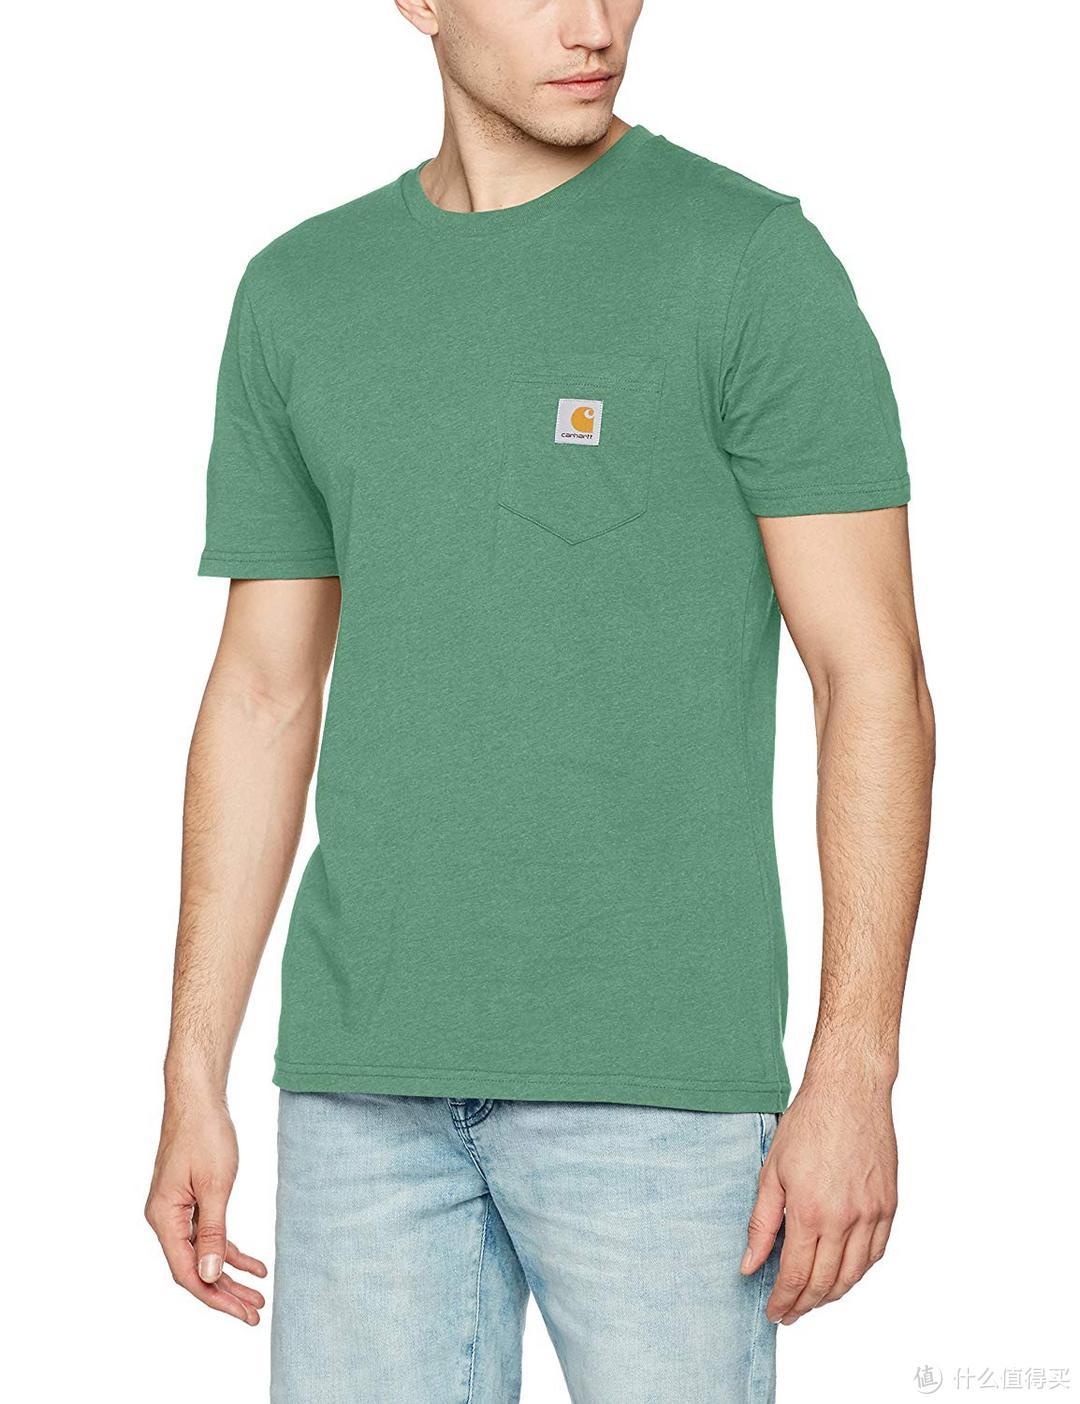 短袖衫的逆向天梯 25至700元男士口袋T恤推荐